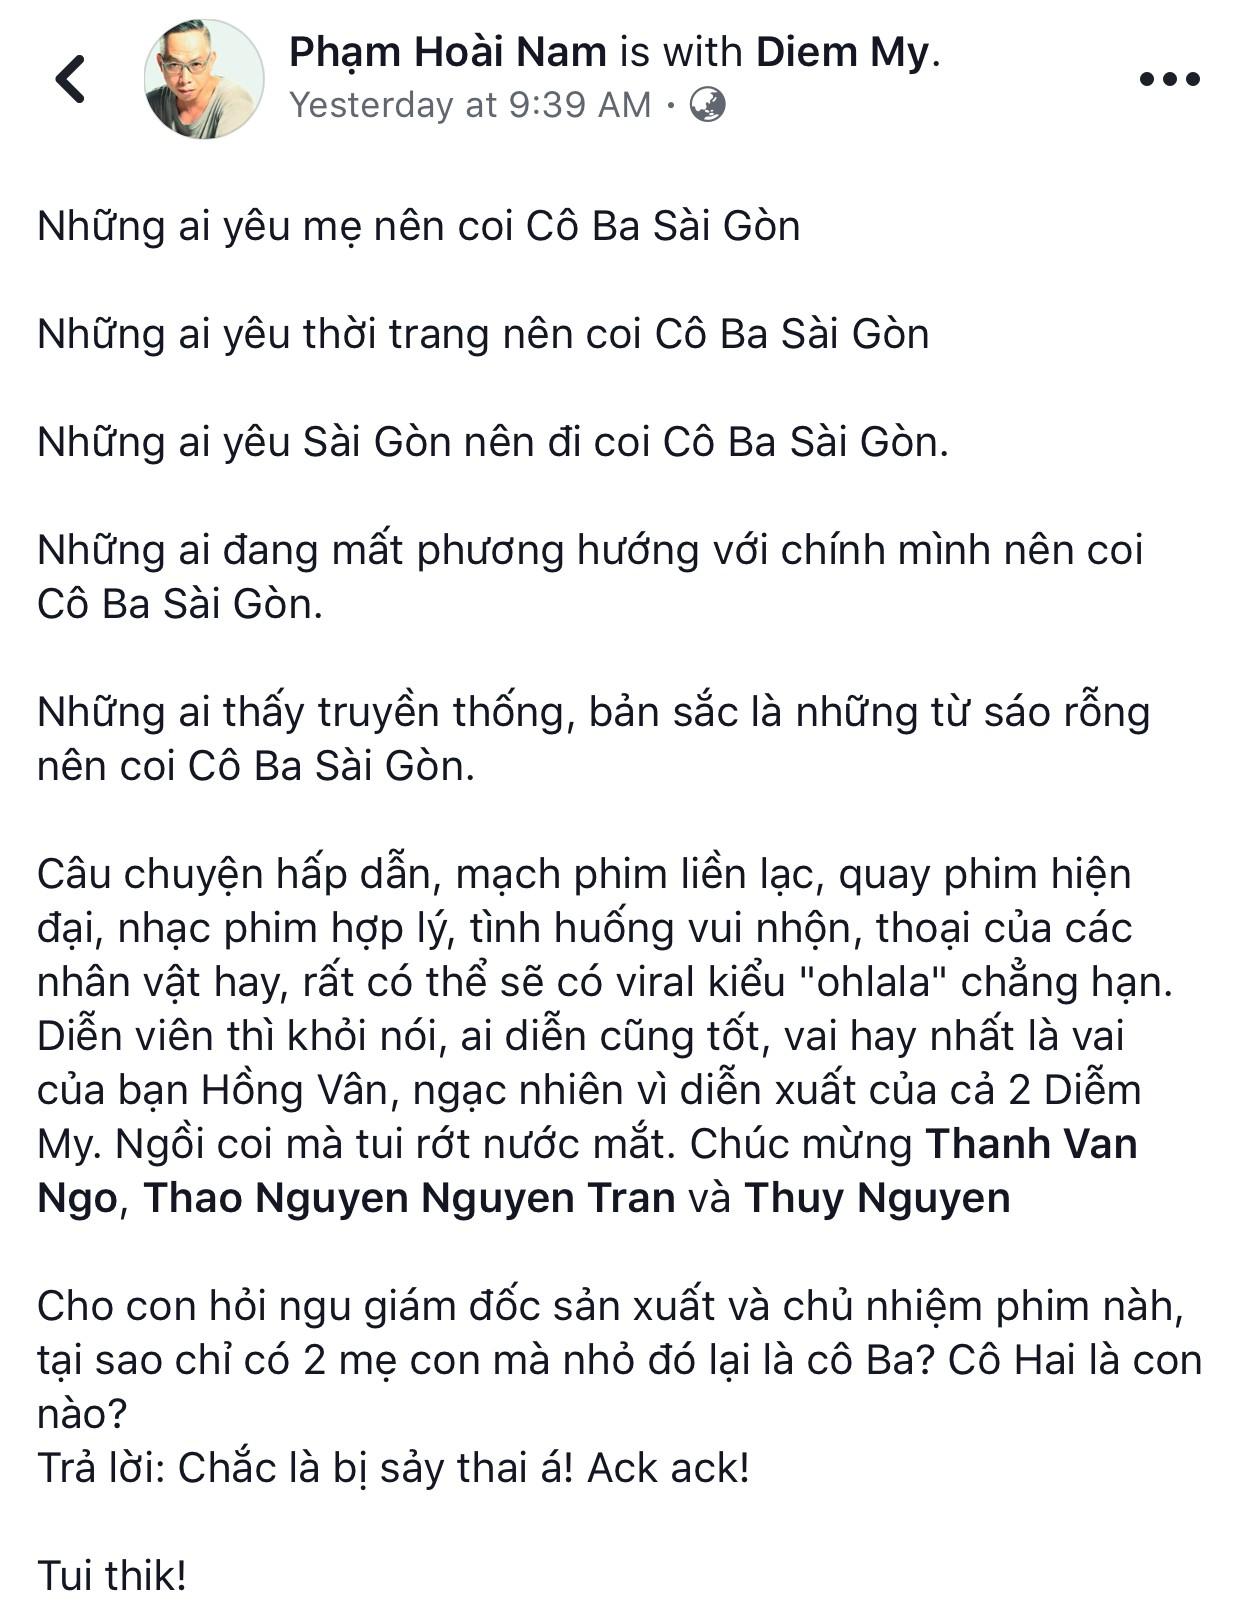 Tăng Thanh Hà, Lương Mạnh Hải và nhiều sao Việt đồng loạt khen ngợi Cô Ba Sài Gòn hết lời - Ảnh 17.